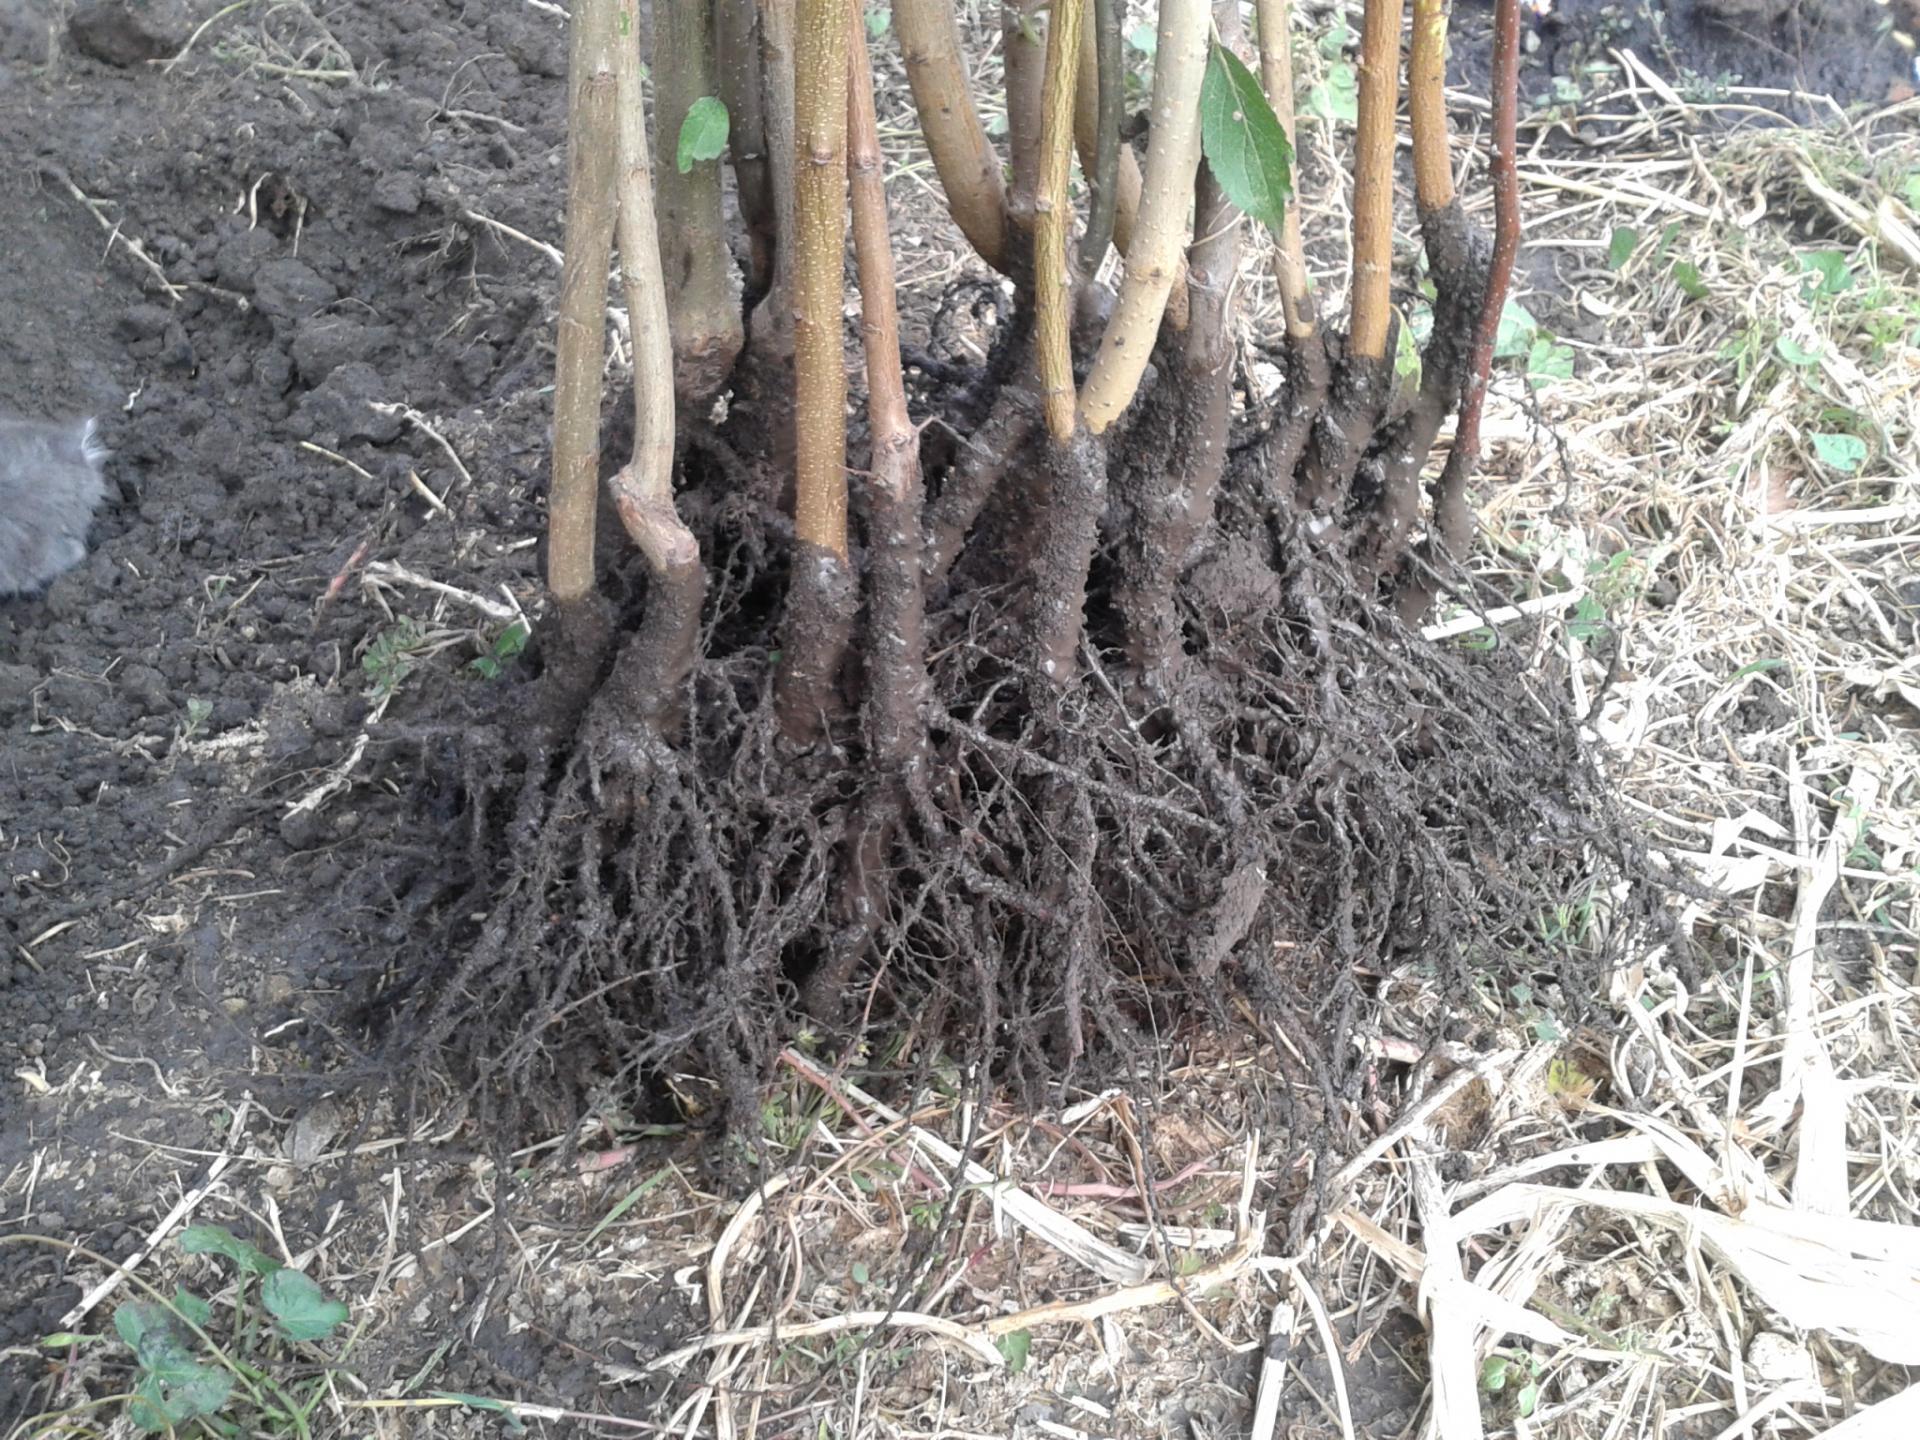 чтобы как растет корень груши фото продуктов, результат